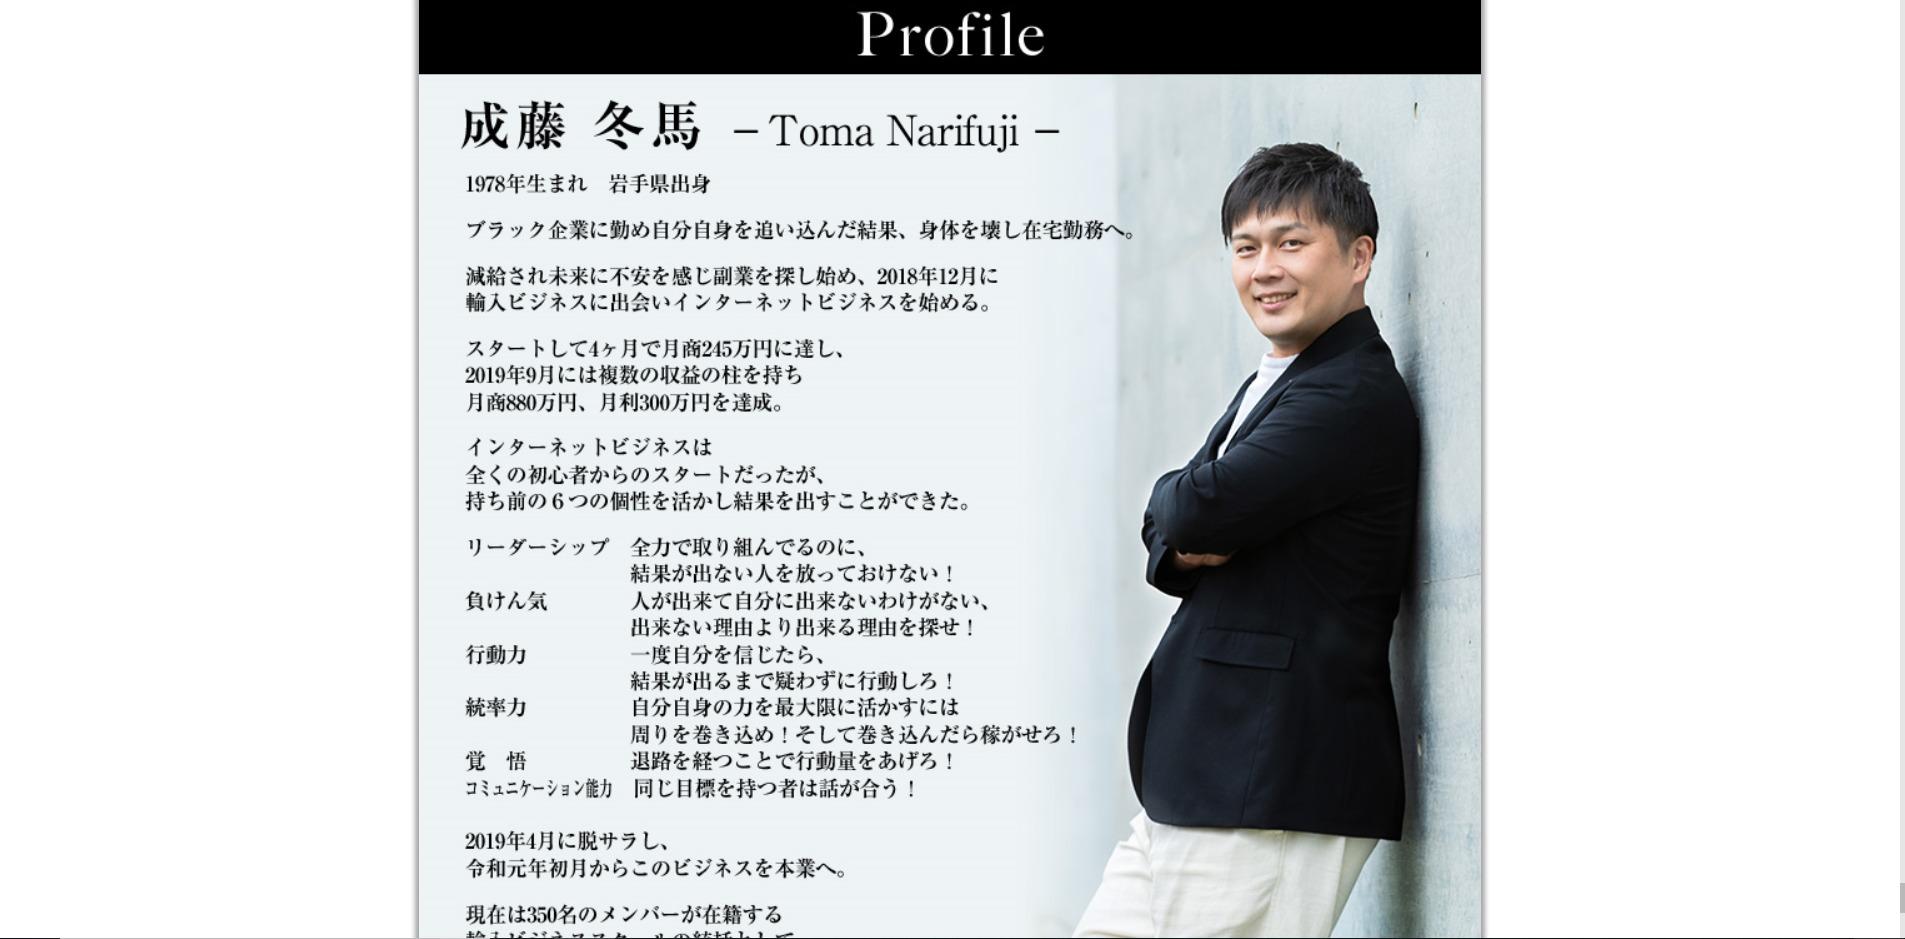 成藤冬馬のSemi-Automatic Trading System(セミオートマチックトレーディングシステム)